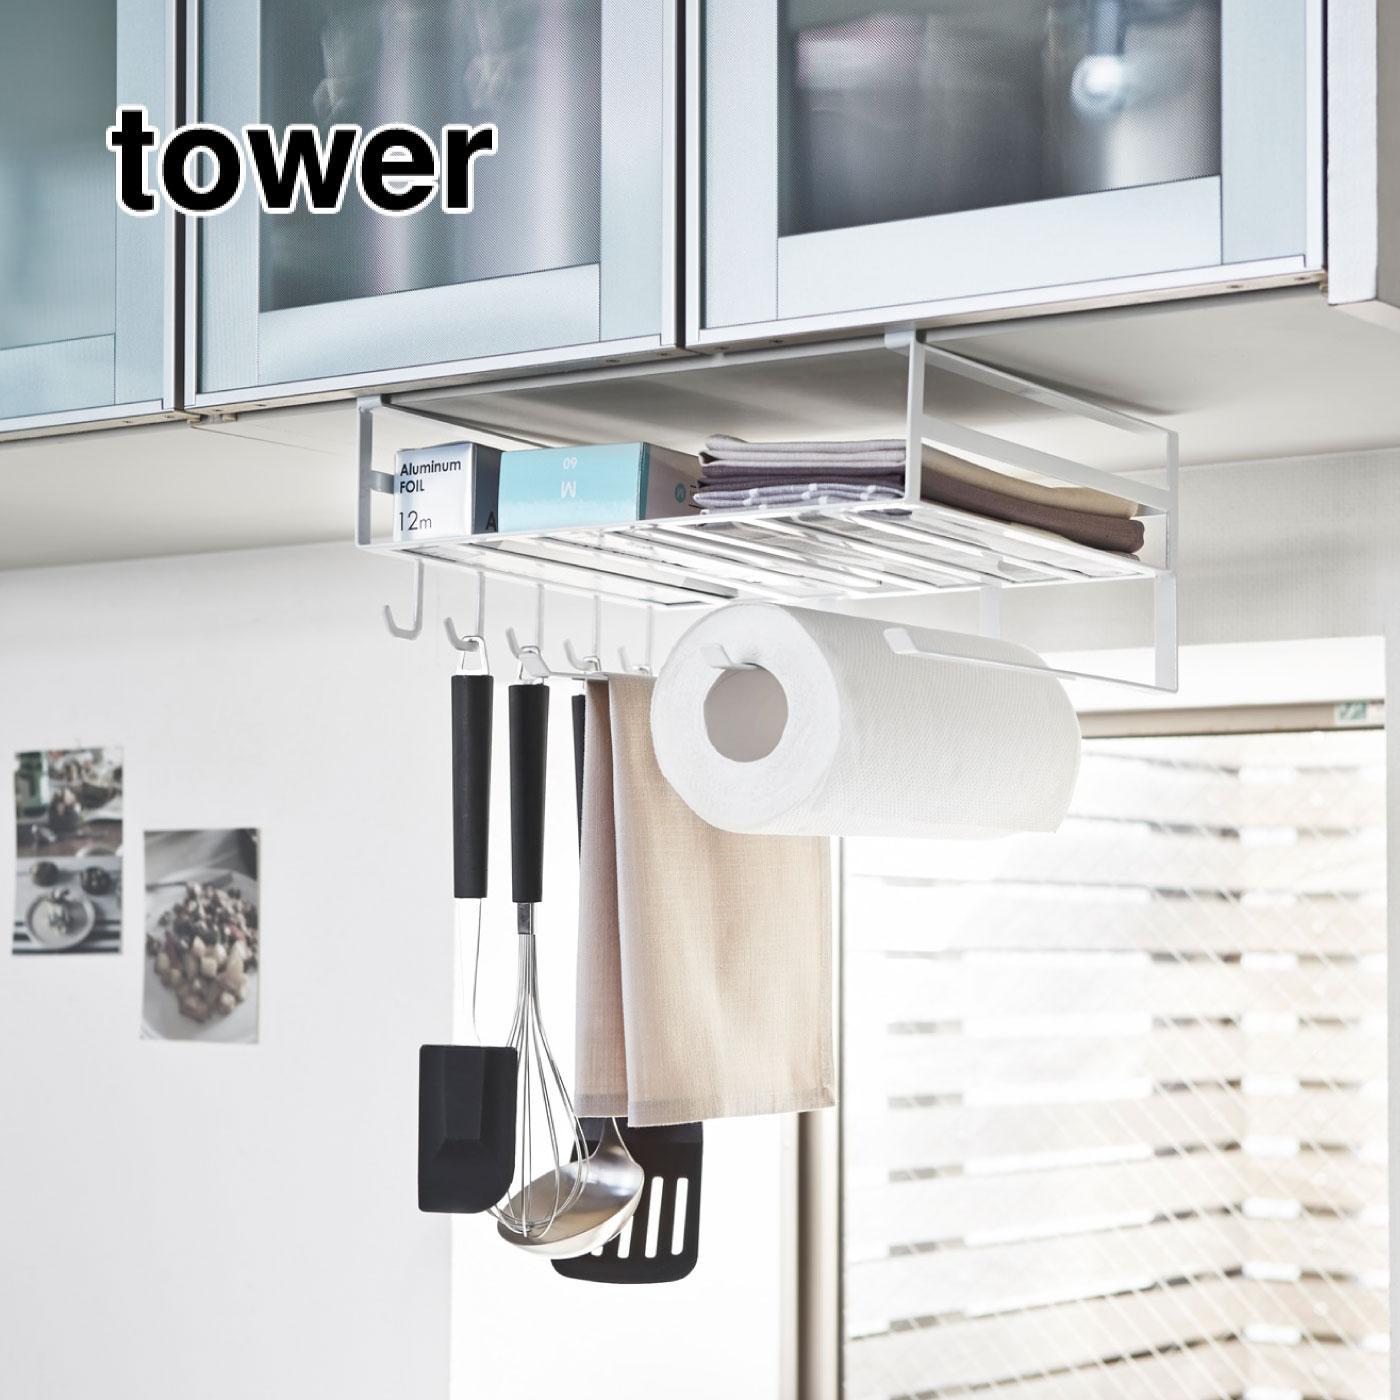 tower 戸棚下多機能ラック